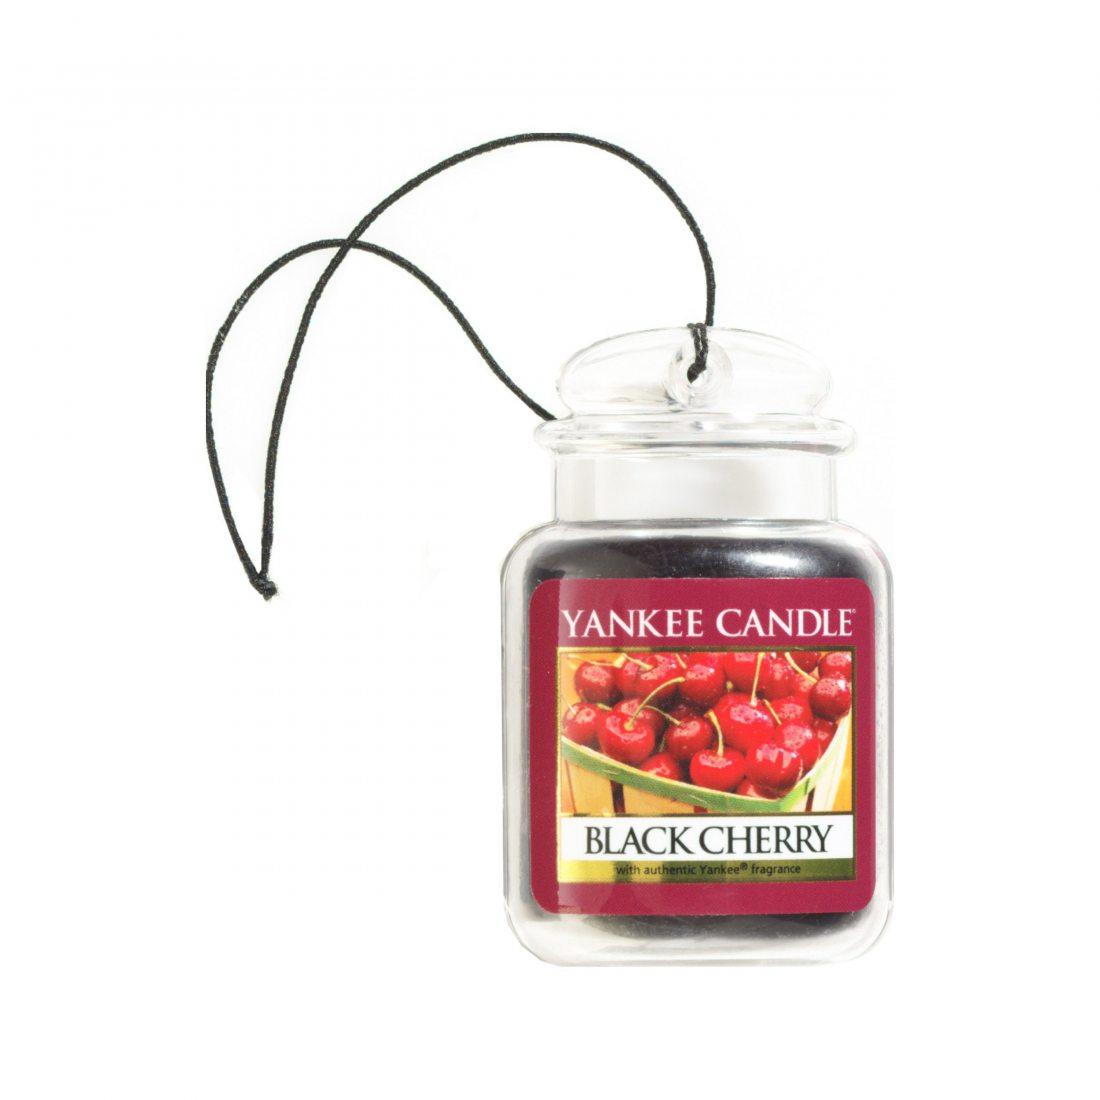 Yankee Candle (Bougie) - Black Cherry - Jarres Désodorisantes Ultimate pour Voitures